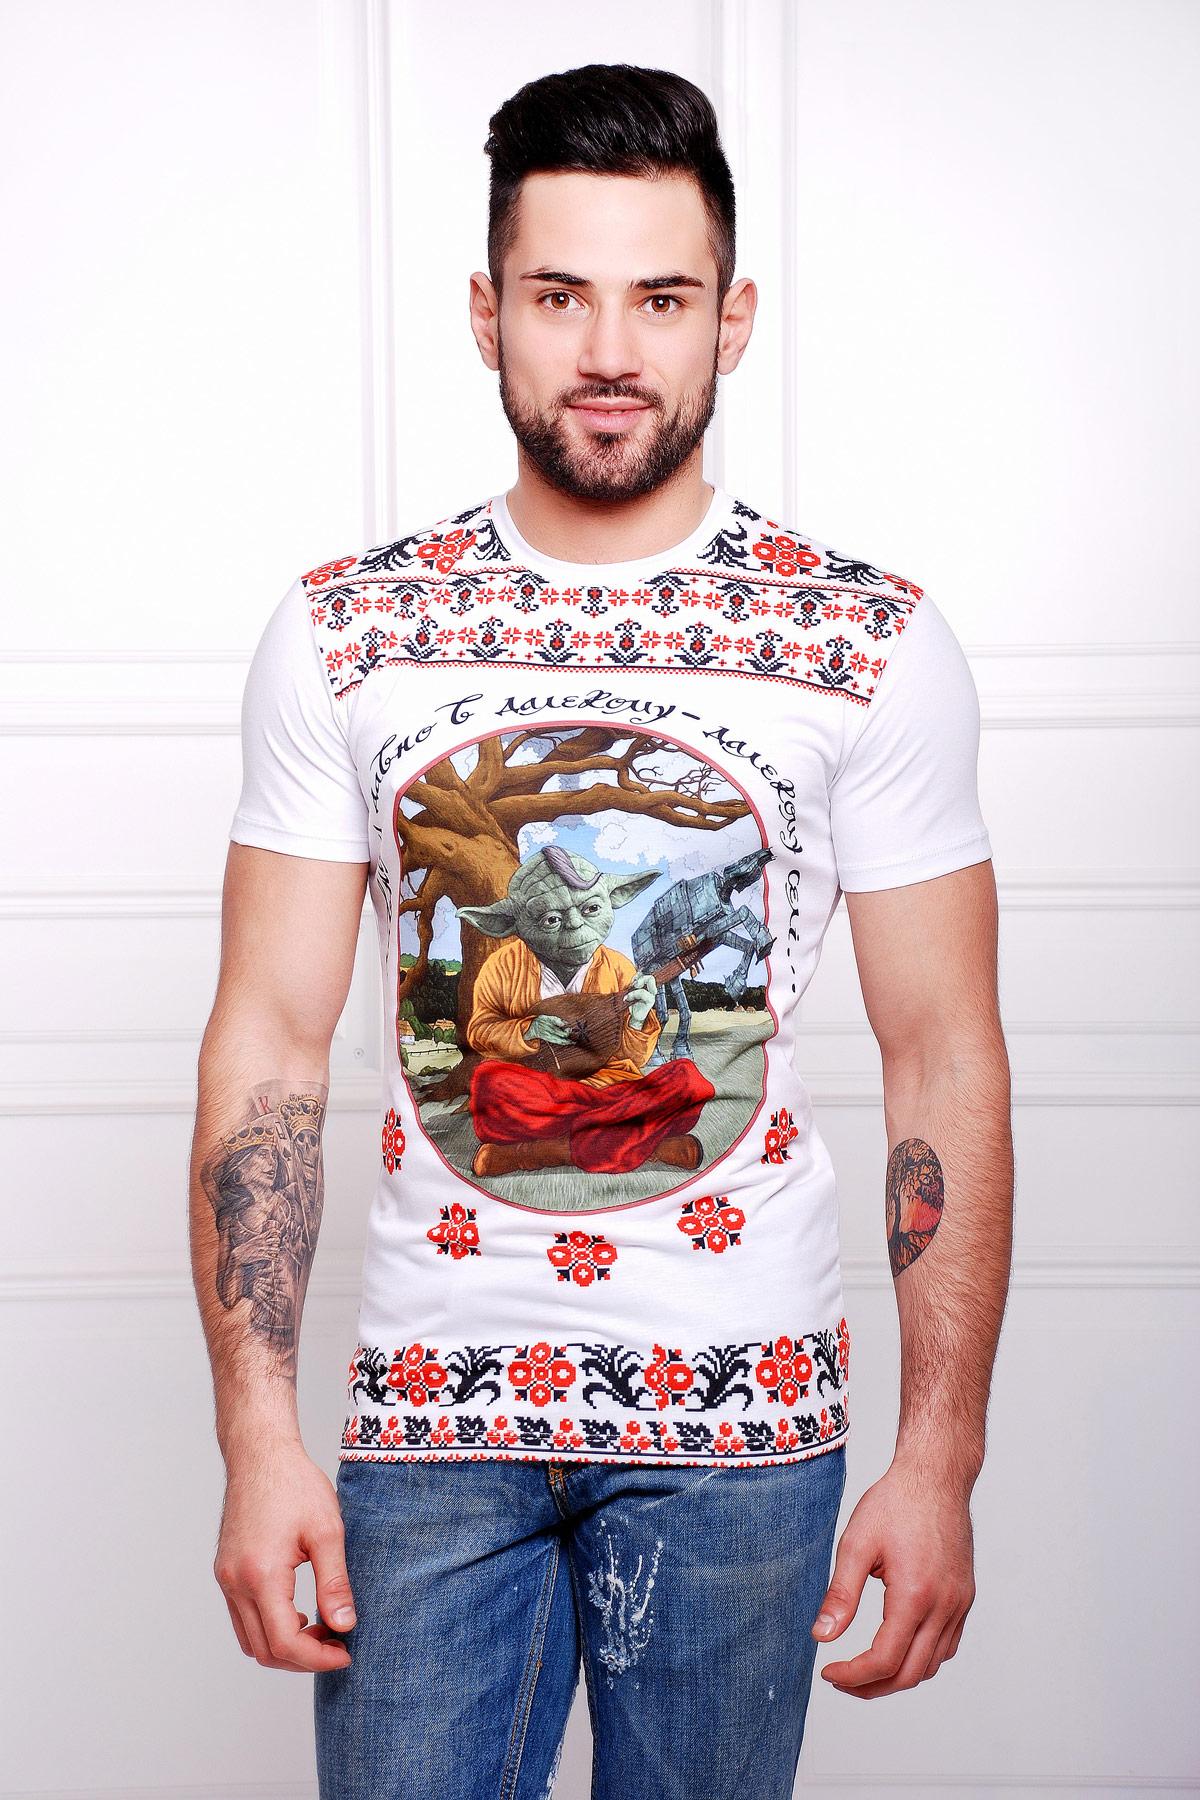 мужская футболка с принтом мастер Йода. Йода-кобзарь Футболка Men-2В. Цвет: принт